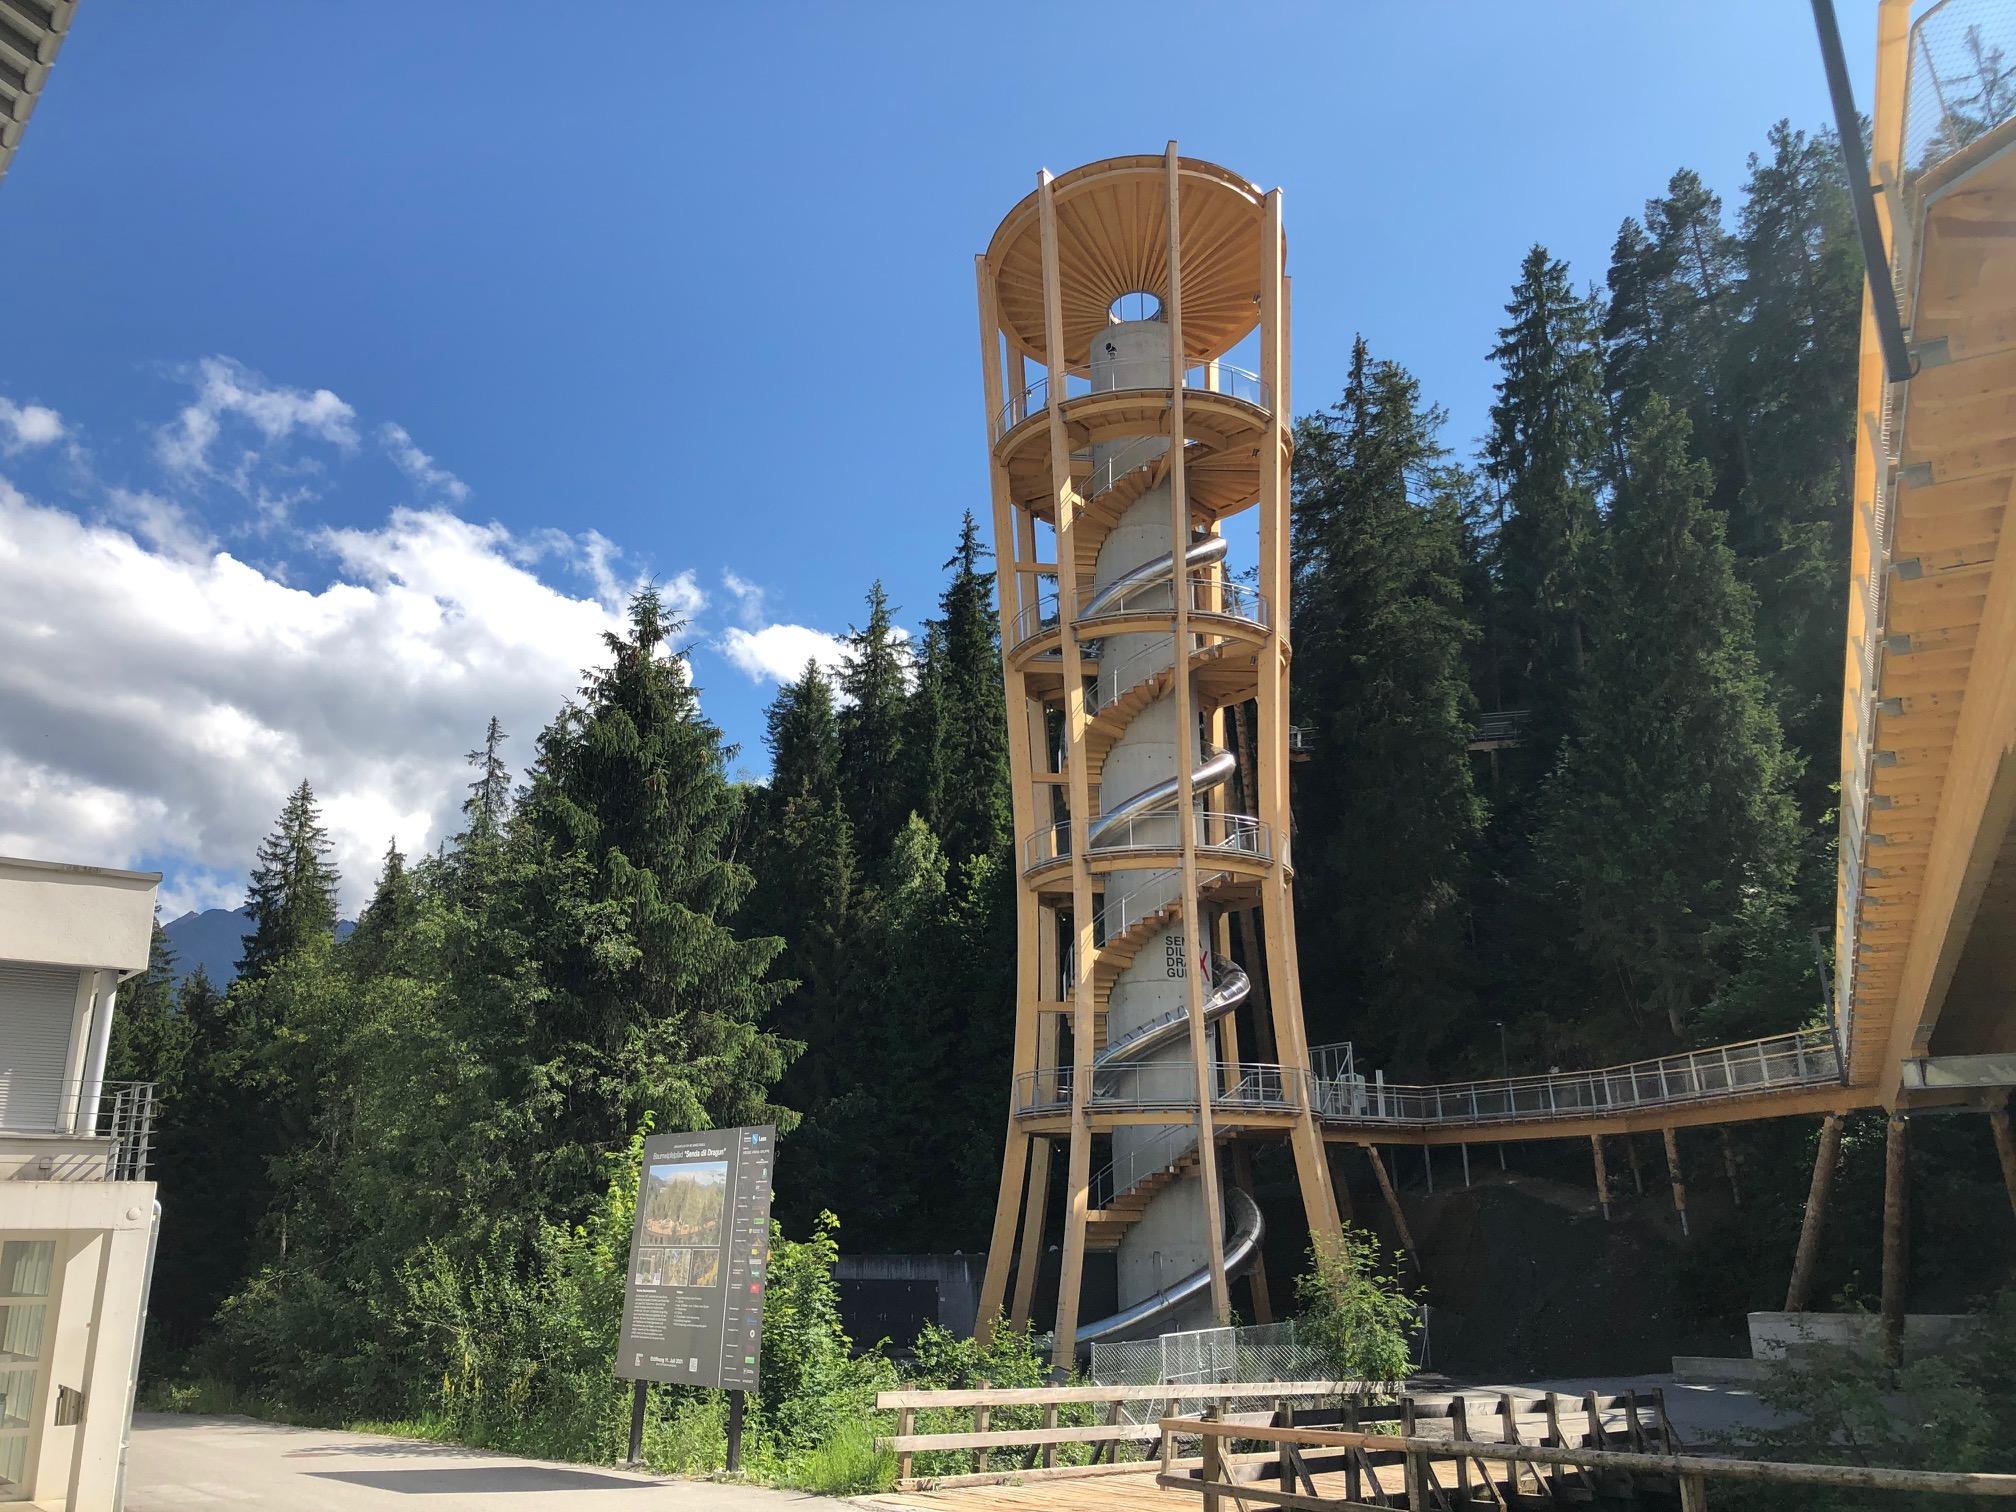 Turm des Baumwipfelpfads mit Wiegand-Röhrenrutsche von GTSM Magglingen